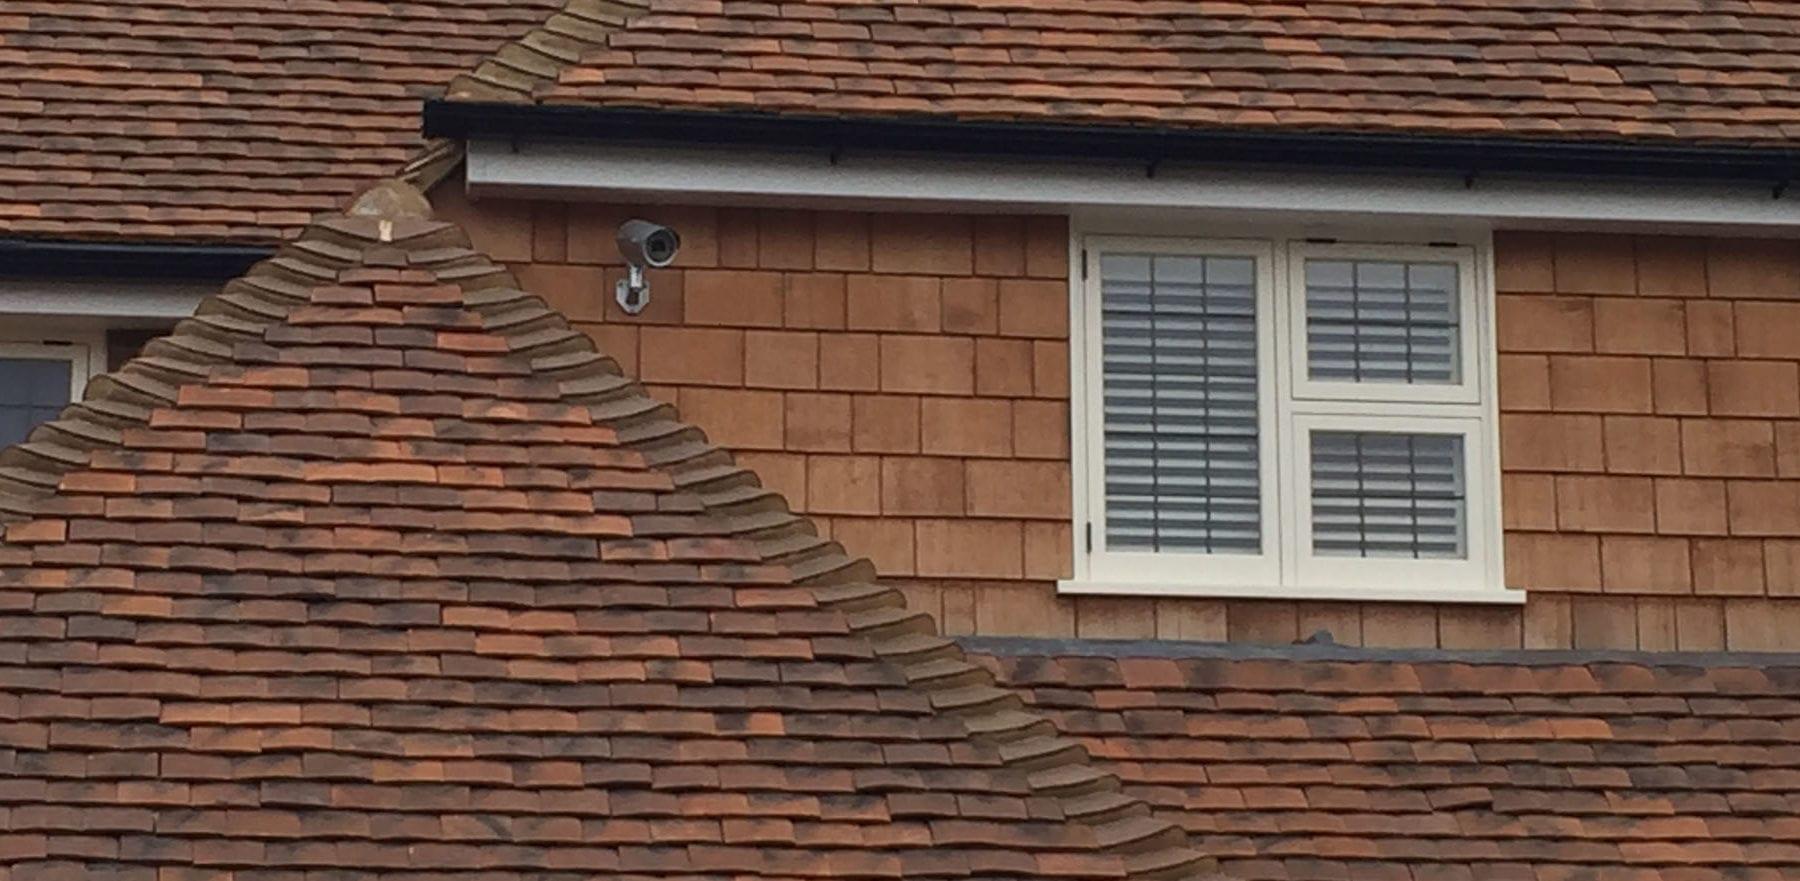 Lifestiles - Handmade Oakhurst Clay Roof Tiles - Hampton Hill, England 4